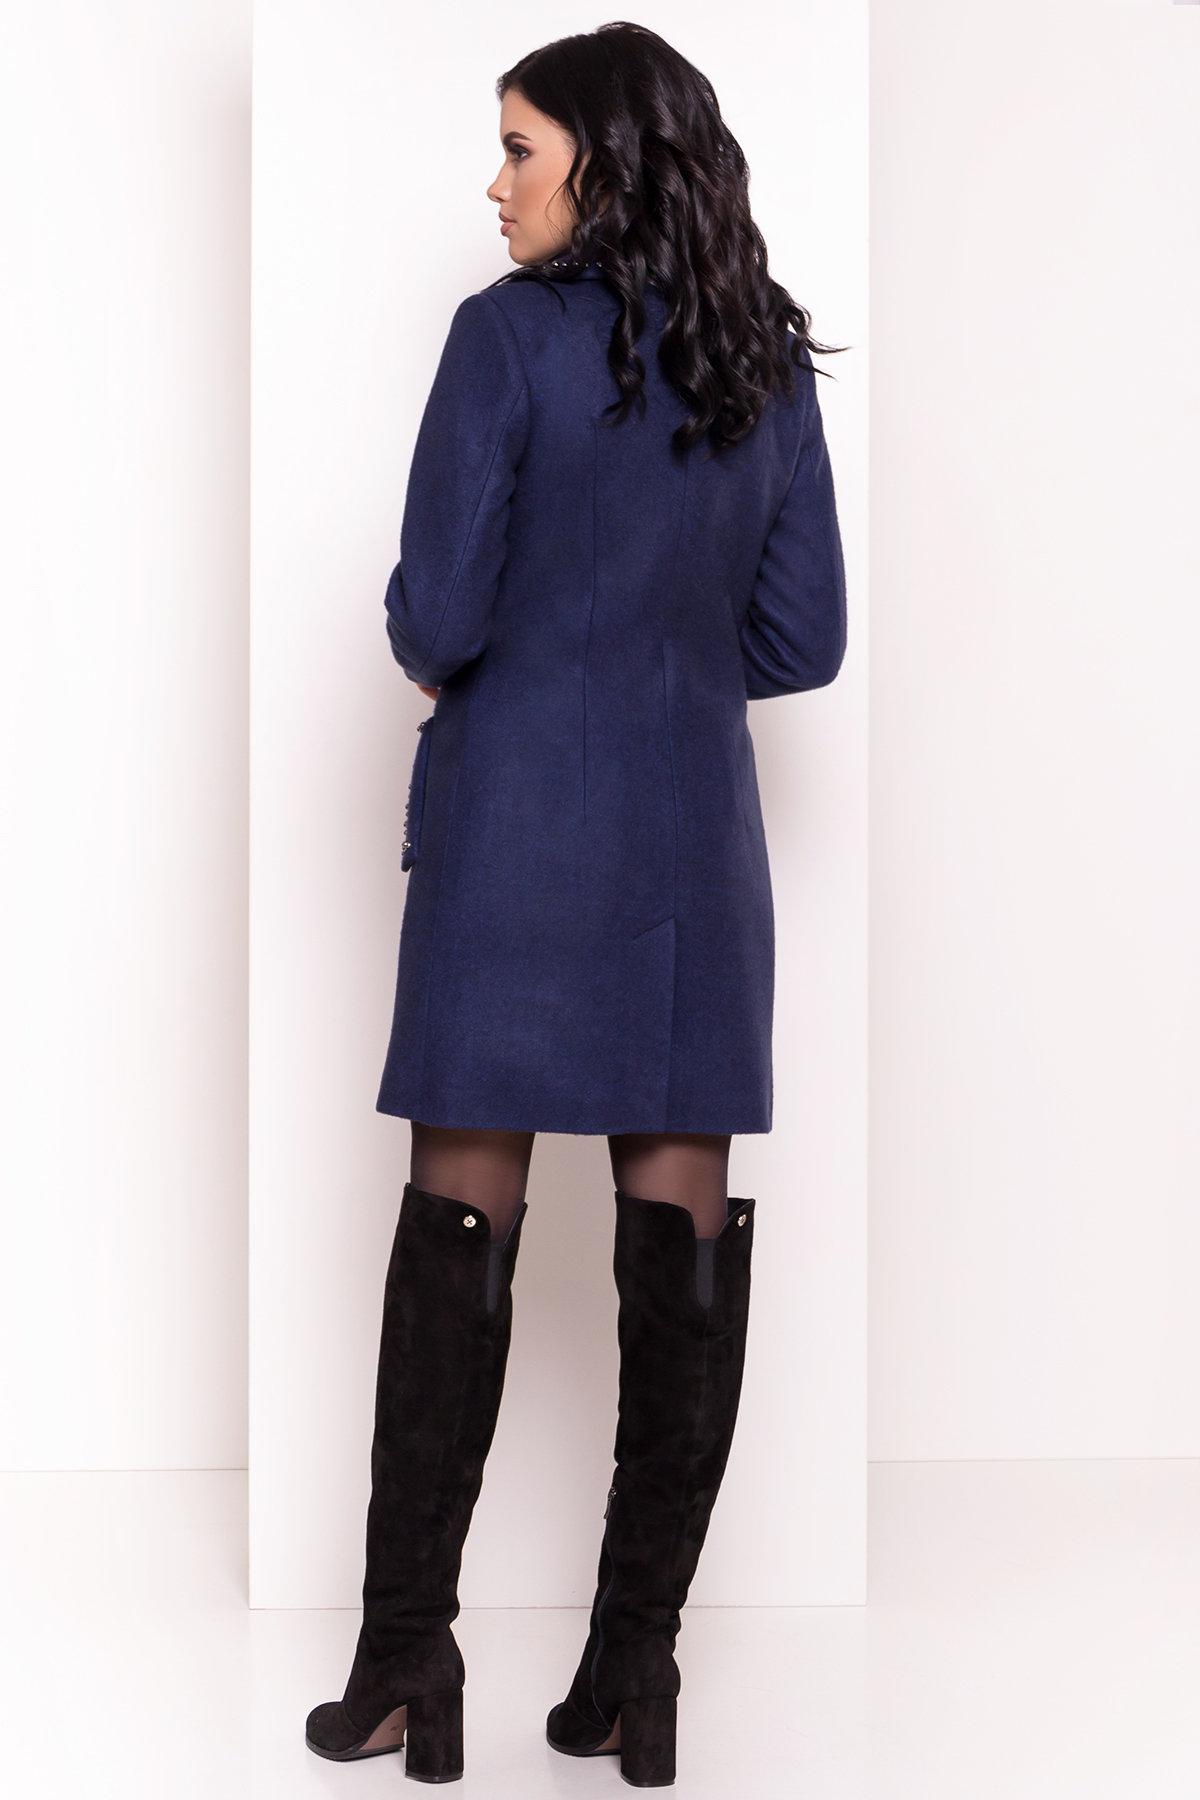 Пальто Кармен 5416 АРТ. 36777 Цвет: Темно-синий 17 - фото 2, интернет магазин tm-modus.ru